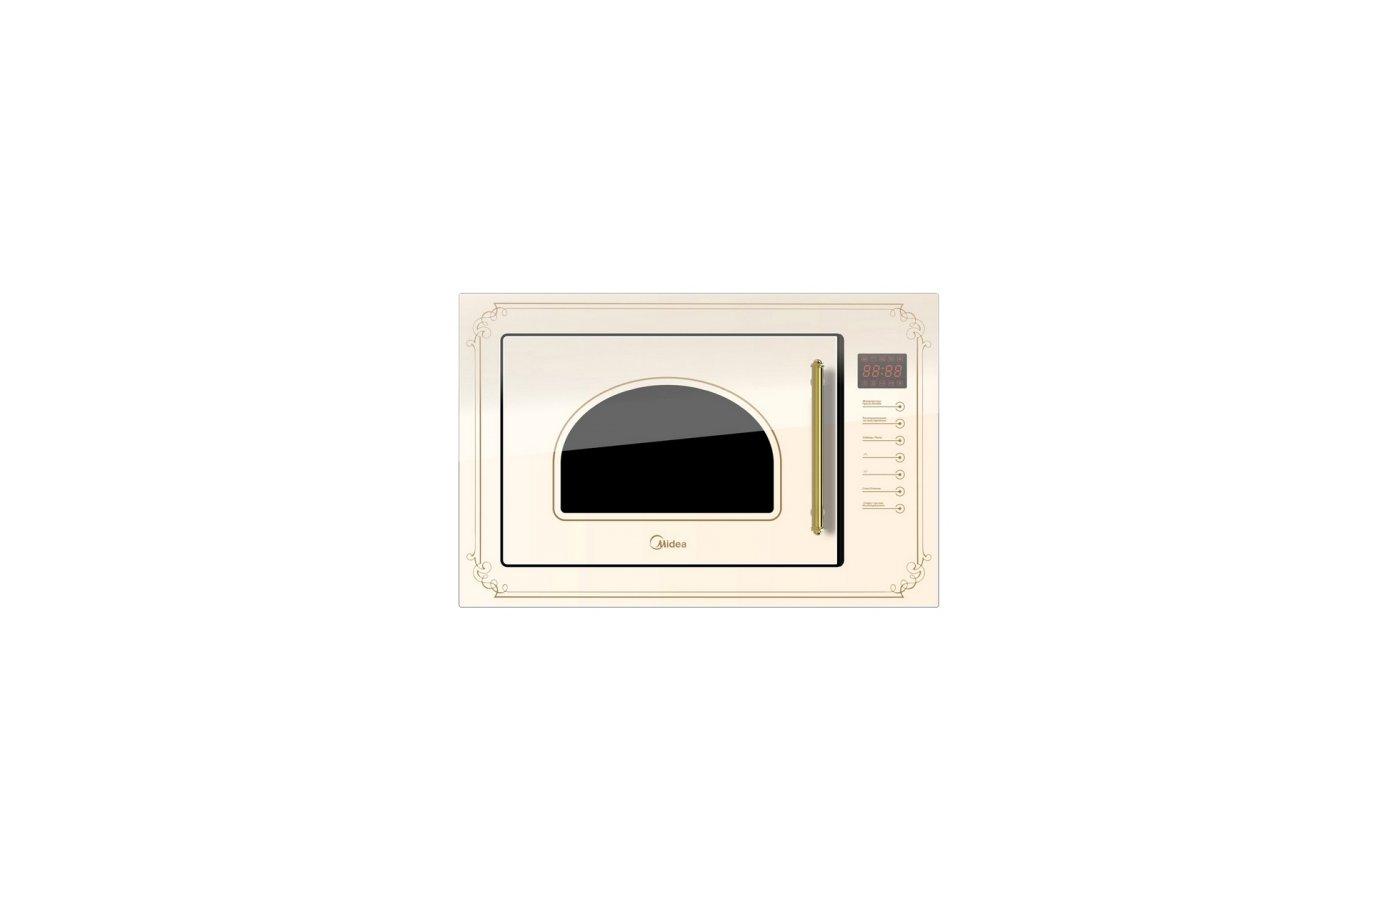 Встраиваемая микроволновая печь MIDEA TG925BW7-I2